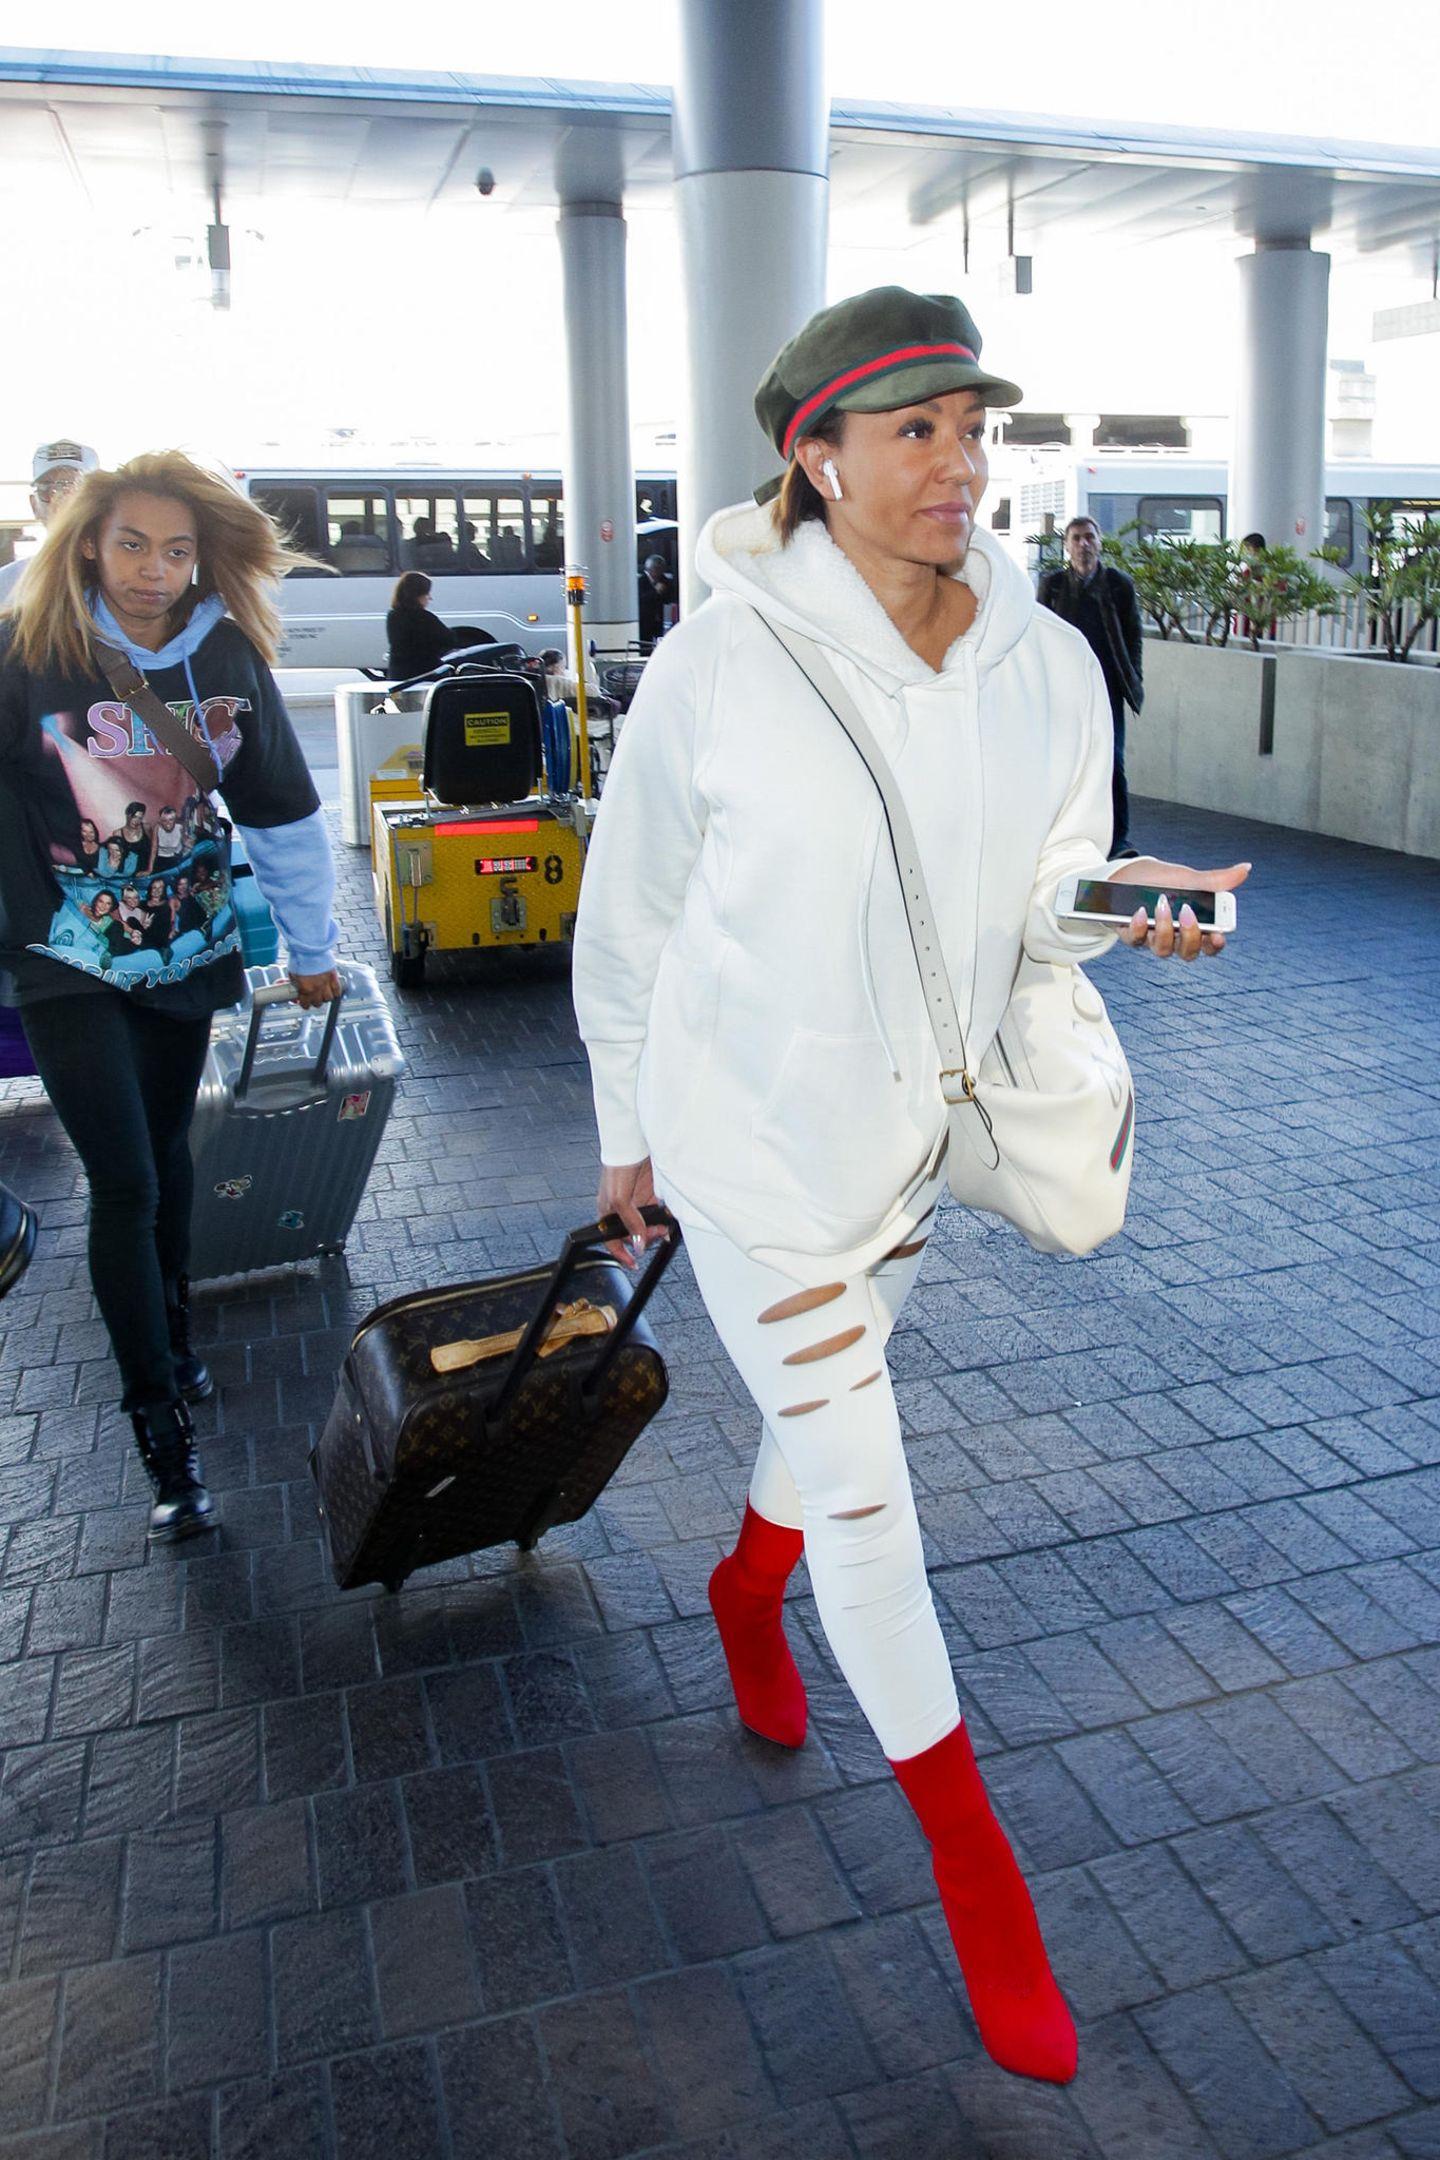 Mit einem weißenHoodie undeiner zerrissenen Leggings geht Mel B. auf Reisen. Den weißen Style kombiniert sie mit knallroten Stiefeletten und einer Schiebermütze. Paparazzi erwischen das ehemalige Spice Girl am Flughafen von Los Angeles, wo sie schnell einen Louis-Vuitton-Koffer hinter sich herzieht. Doch damit nicht genug Stauraum: Eine Gucci Bag hat die 43-Jährige für ihren Flug auch noch dabei.